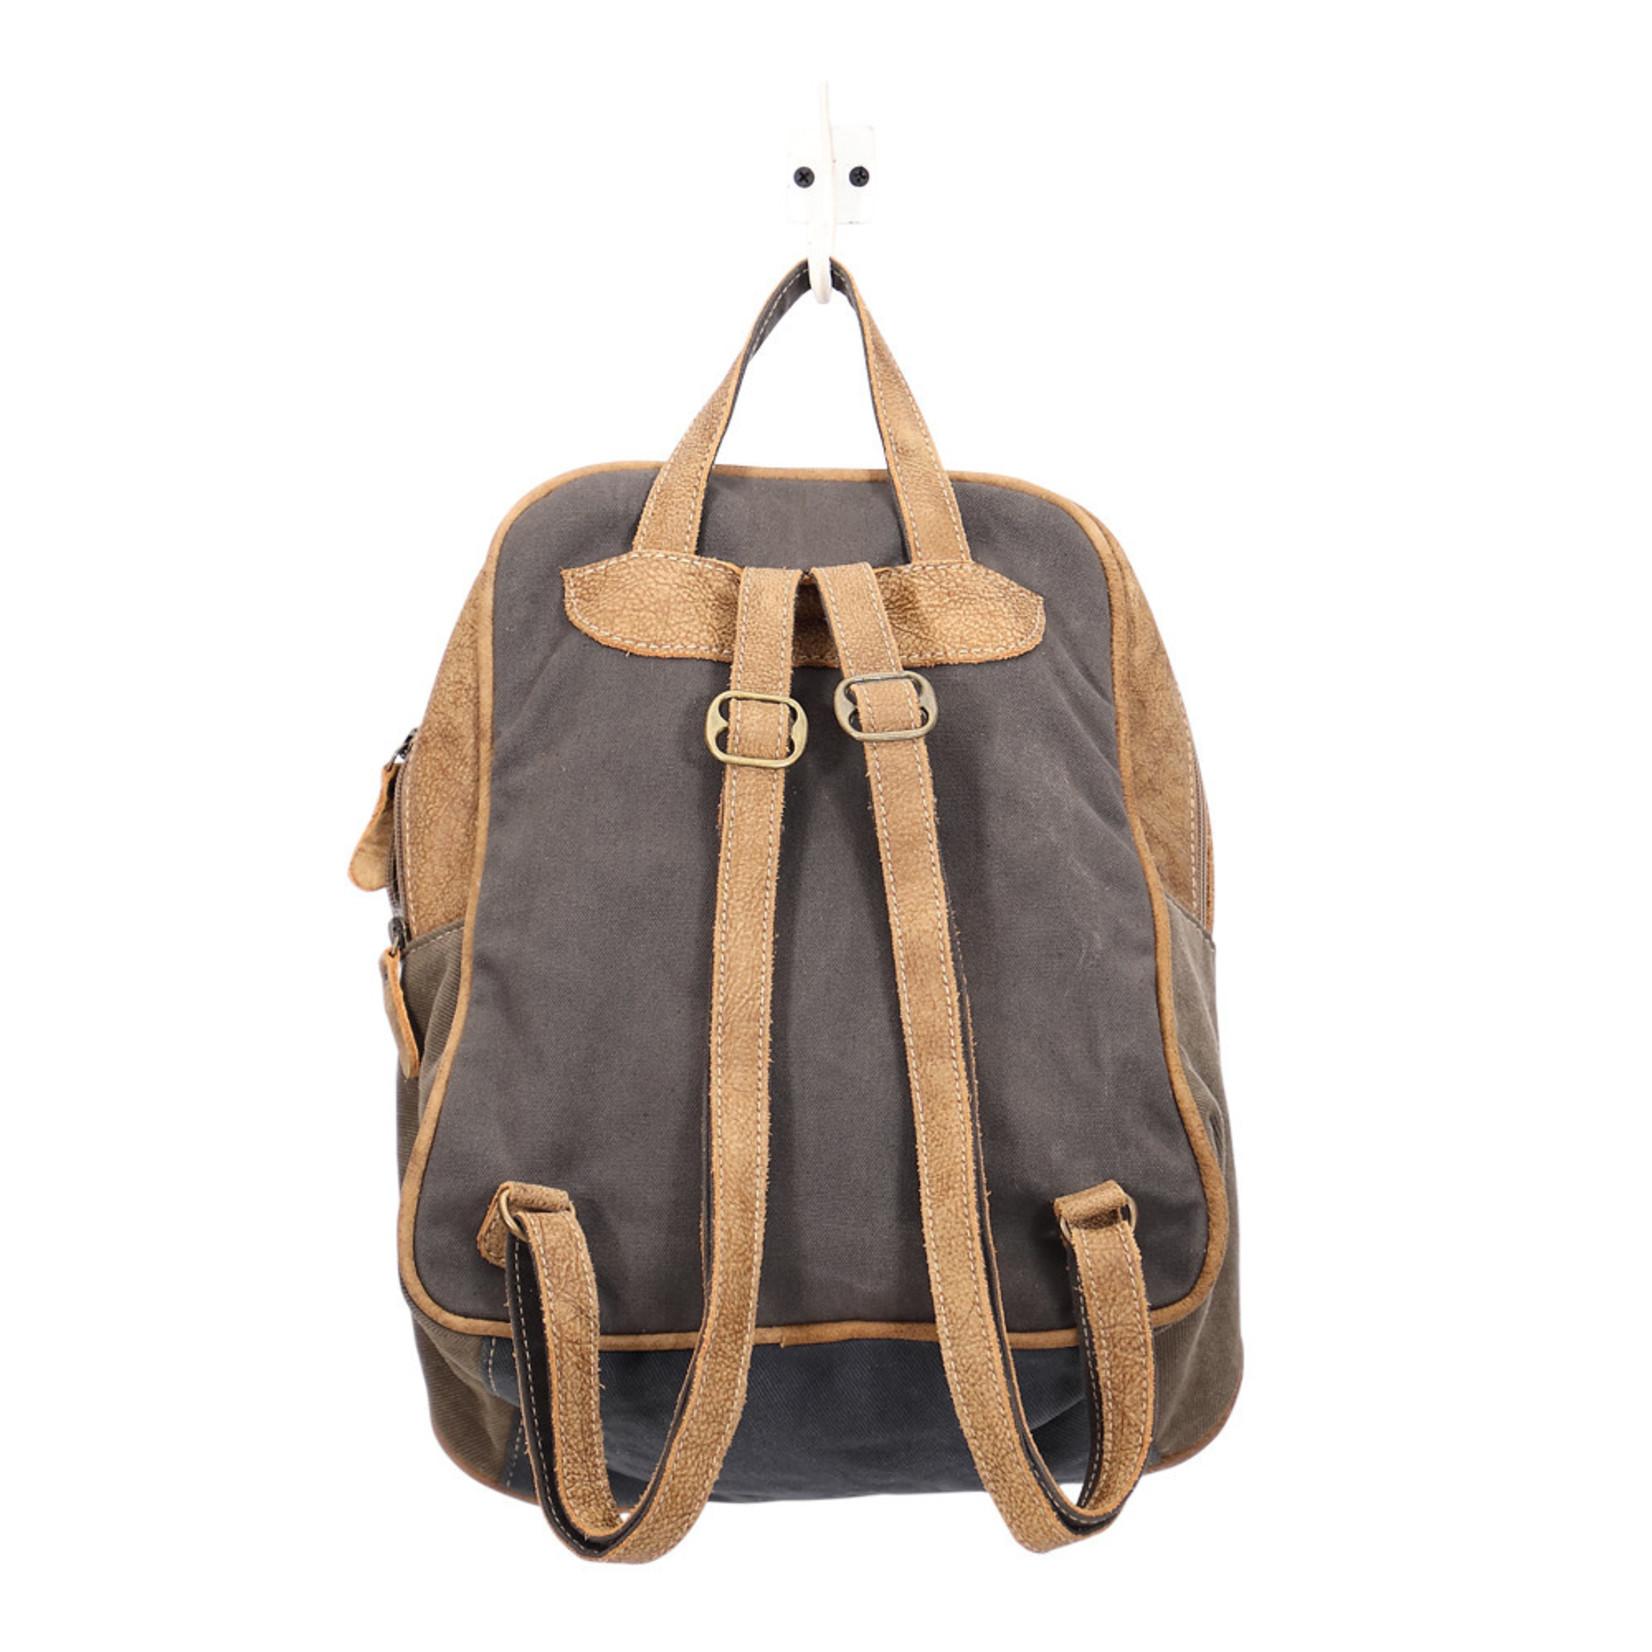 Myra Bags S-1446 Clique Backpack Bag